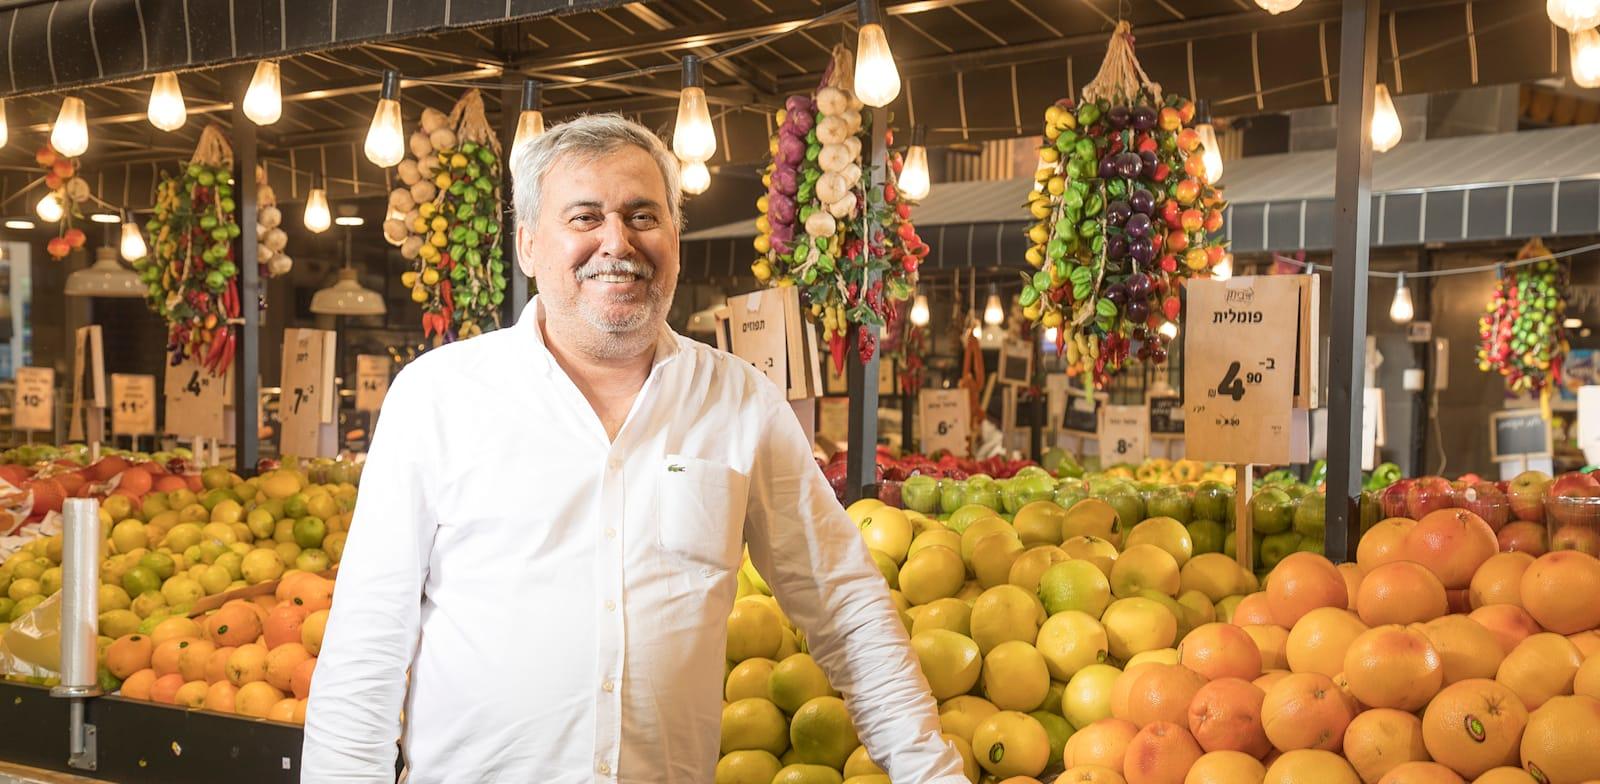 נחום ביתן, בעל השליטה ברשת יינות ביתן / צילום: רמי זרנגר